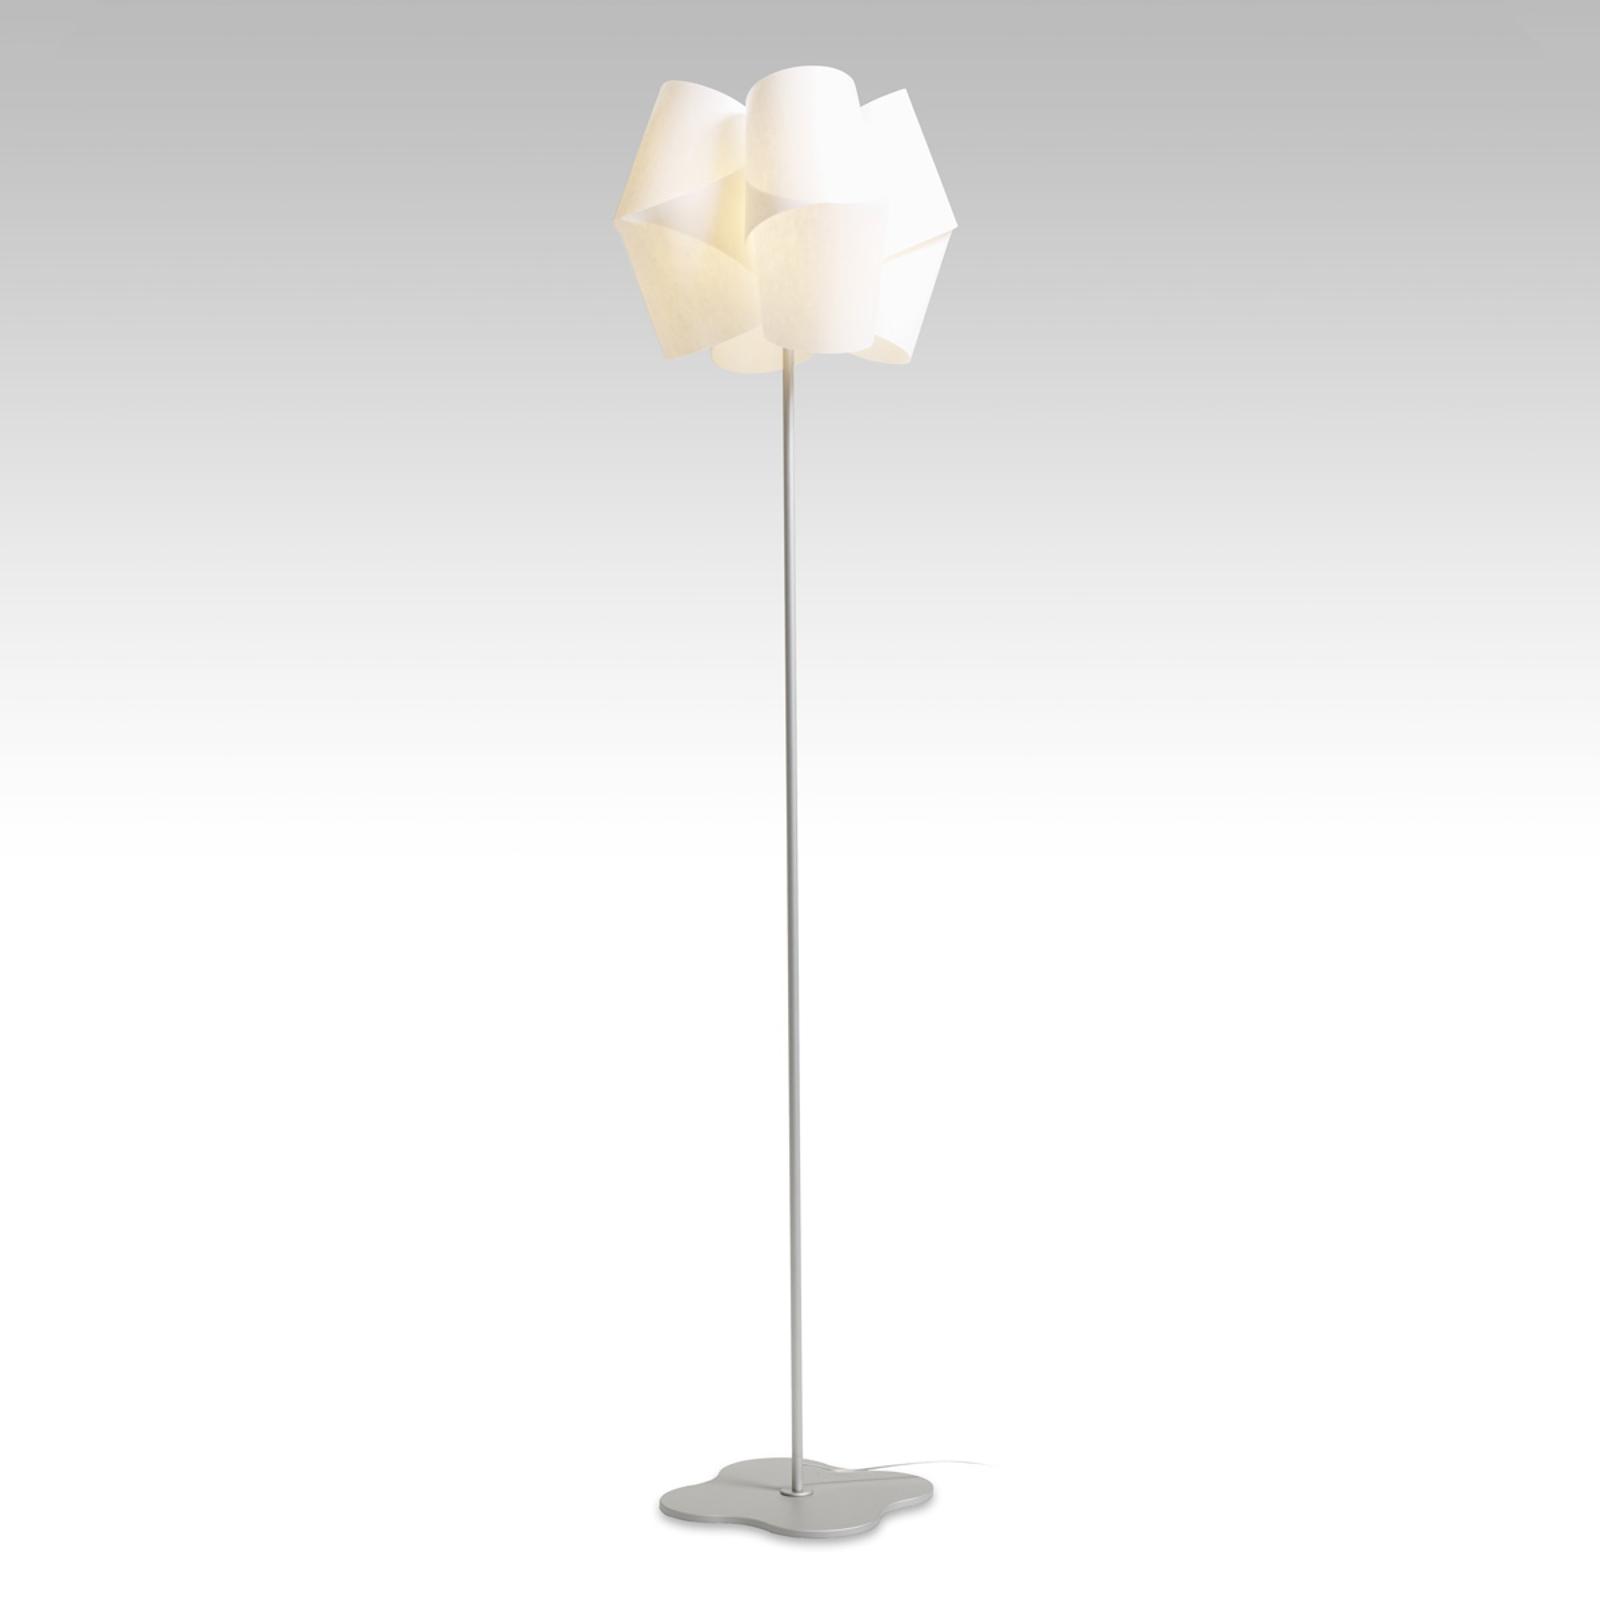 Lampa stojąca JULII na aluminiowej podstawie